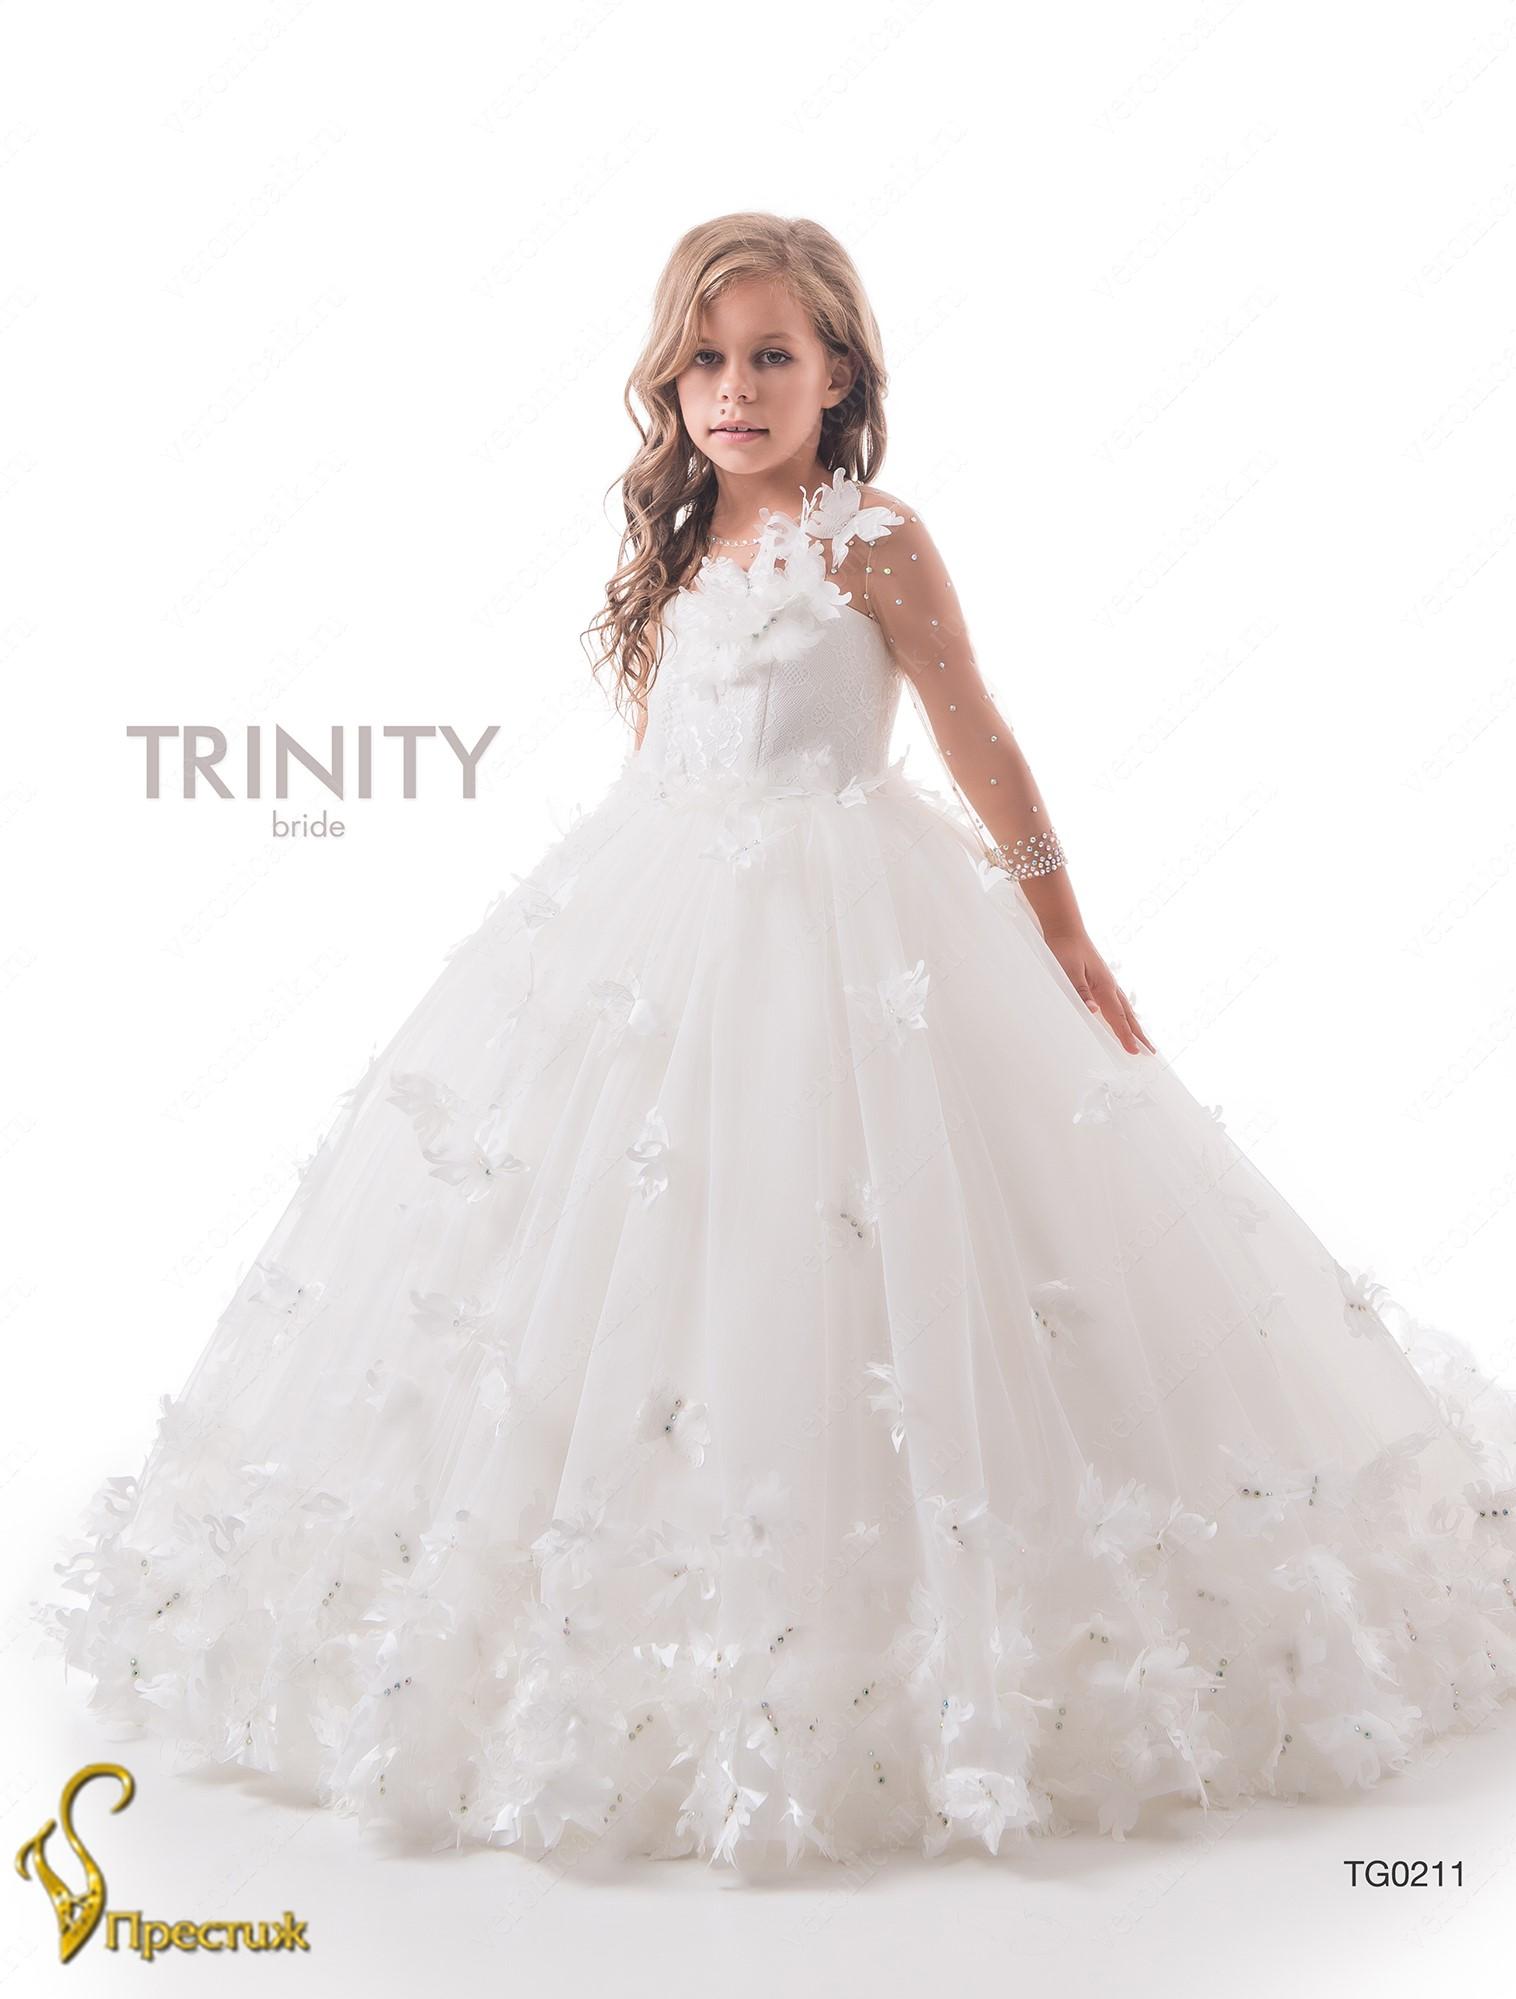 Сбор заказов. Распродажа. Праздничные, красивые платьица для ваших принцесс VeronicaiK - 48. В гостях у сказки